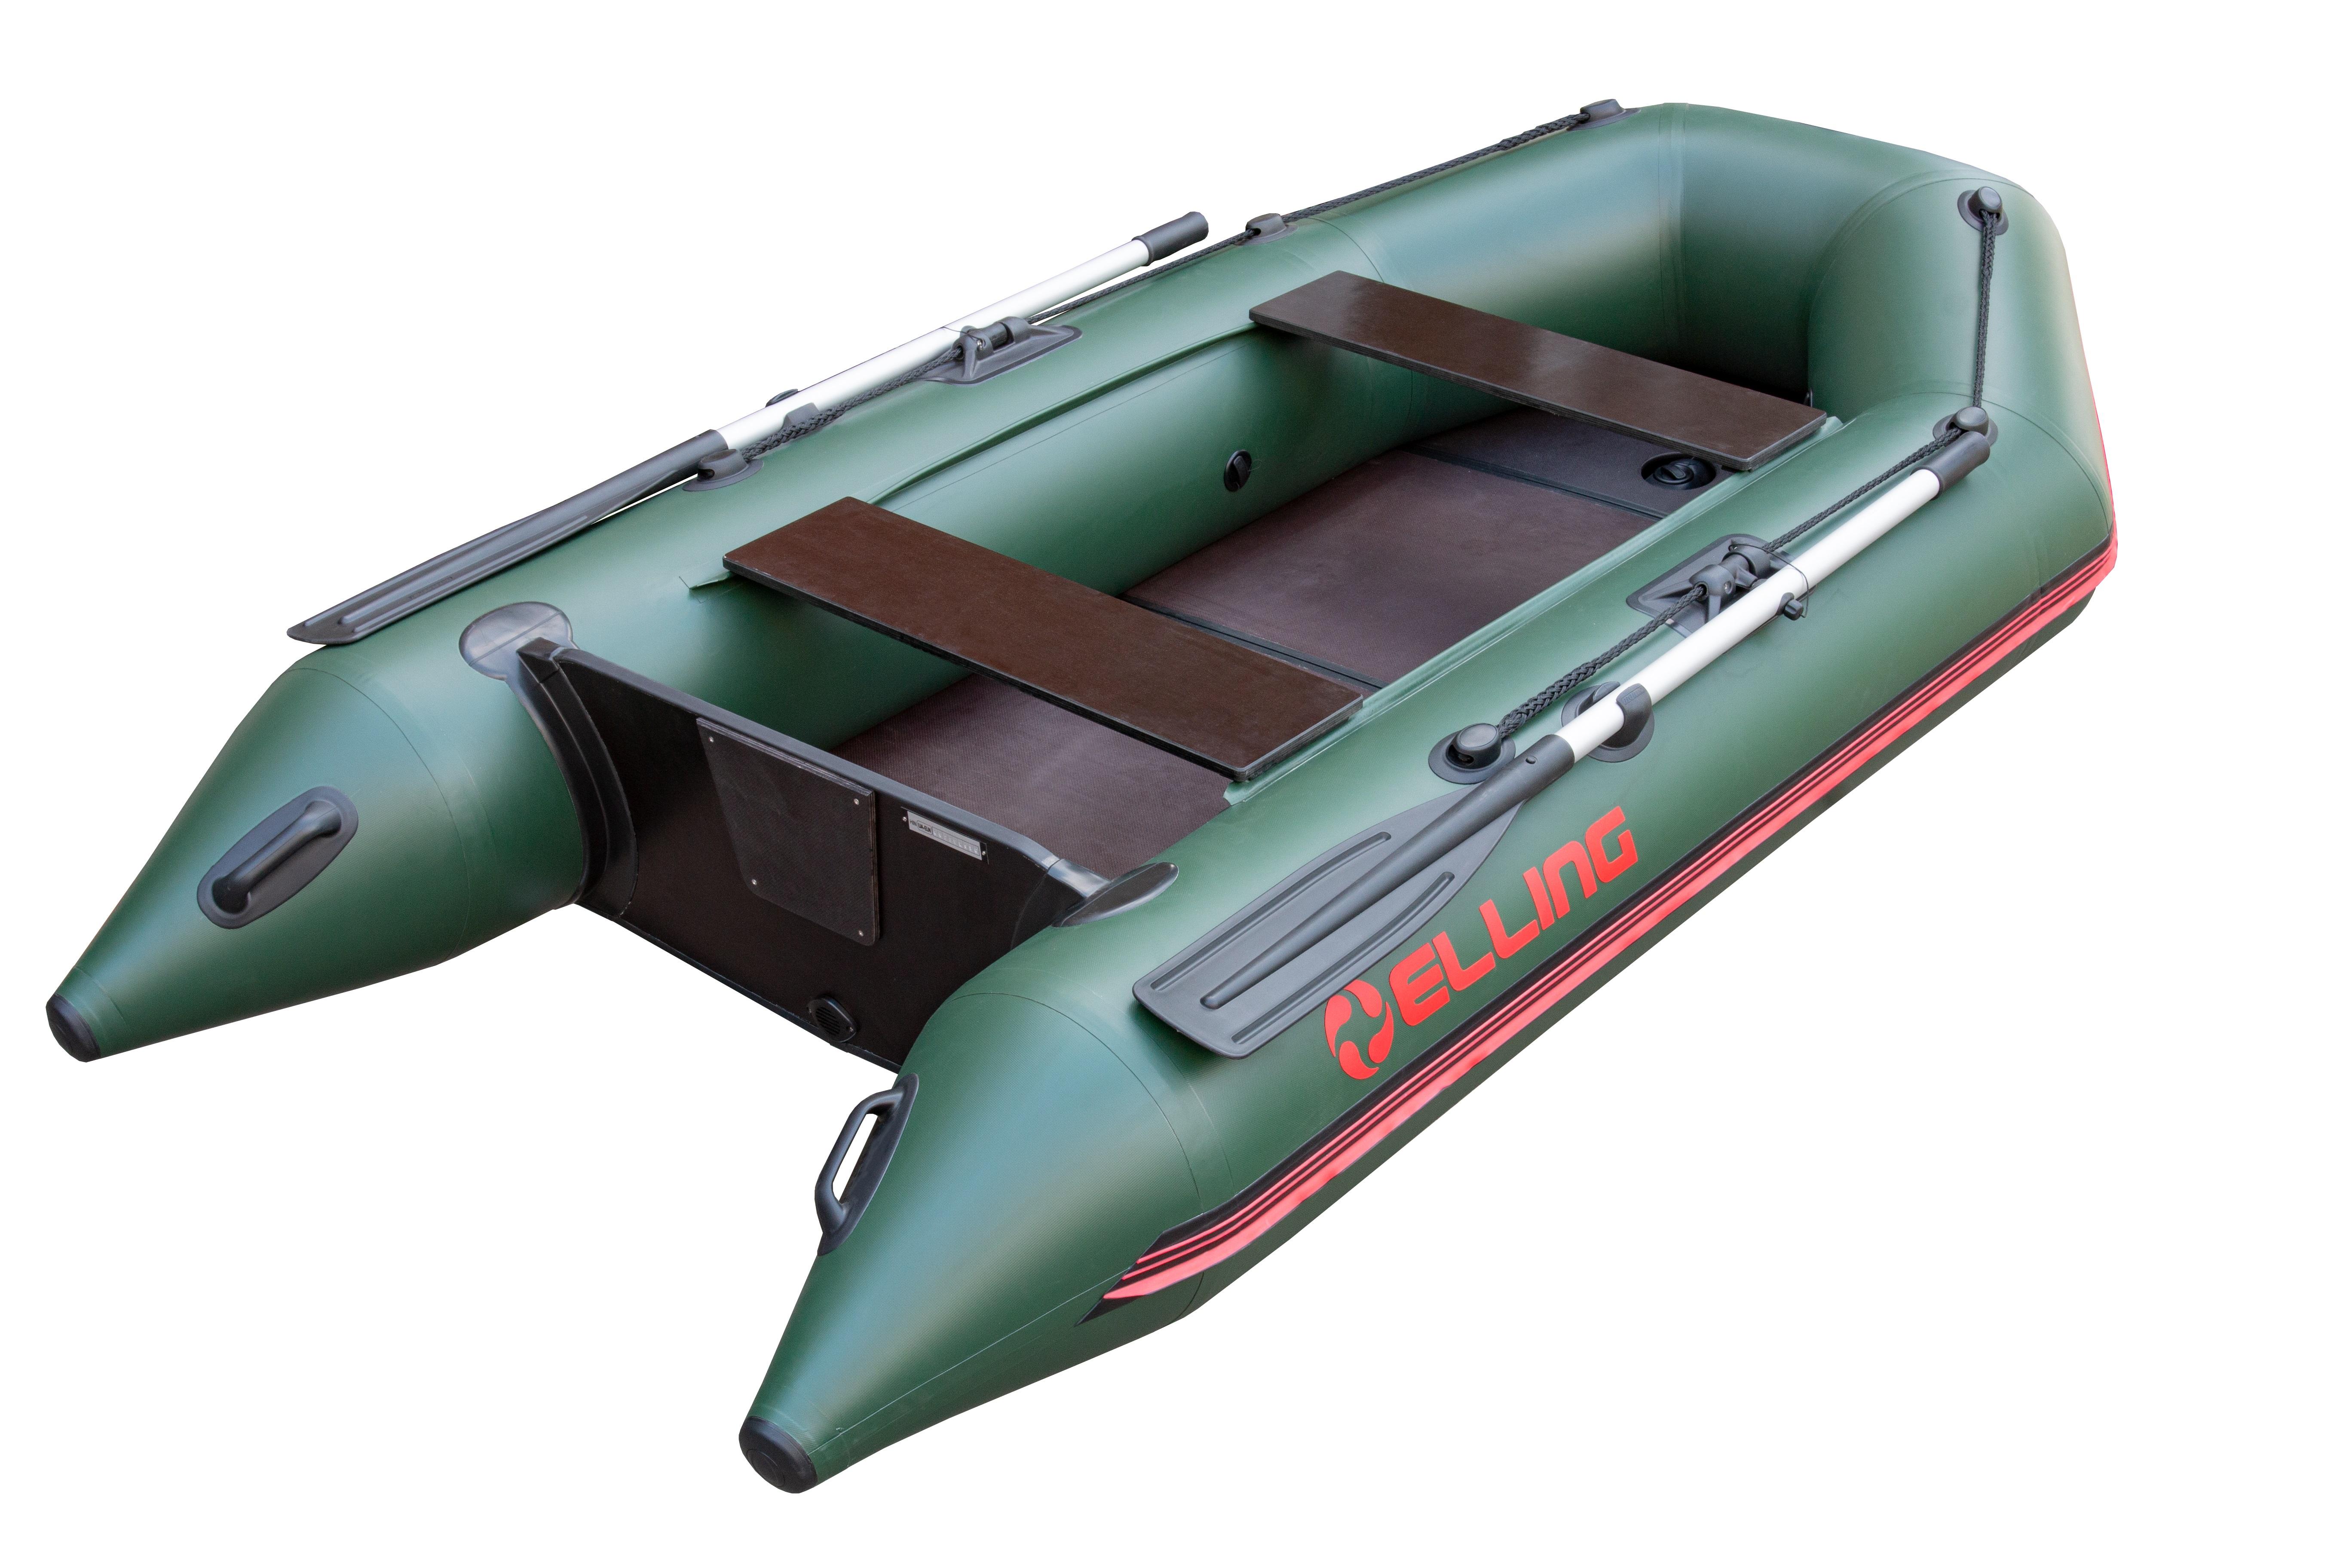 Nafukovací čluny Elling - Patriot 240 s pevnou skládací podlahou, zelený